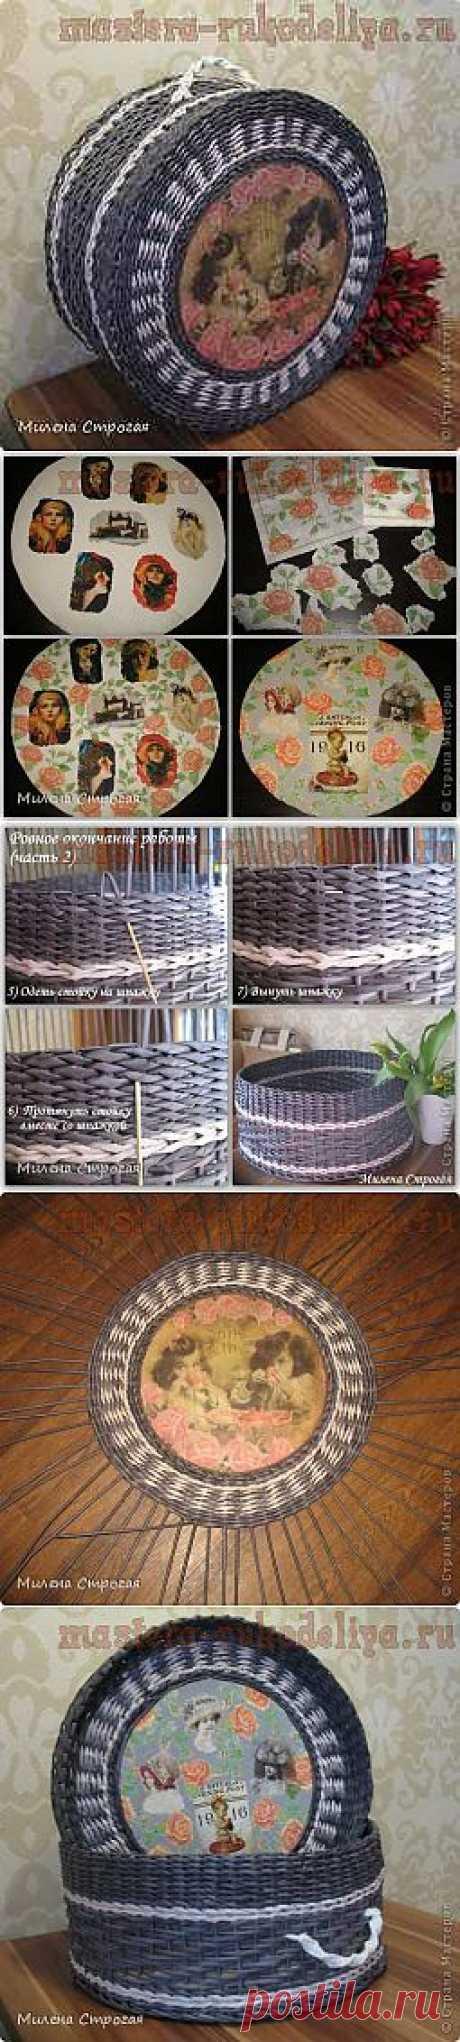 Мастера рукоделия - рукоделие для дома. Бесплатные мастер-классы, фото и видео уроки - Мастер-класс по плетению из газет: Шляпная коробка